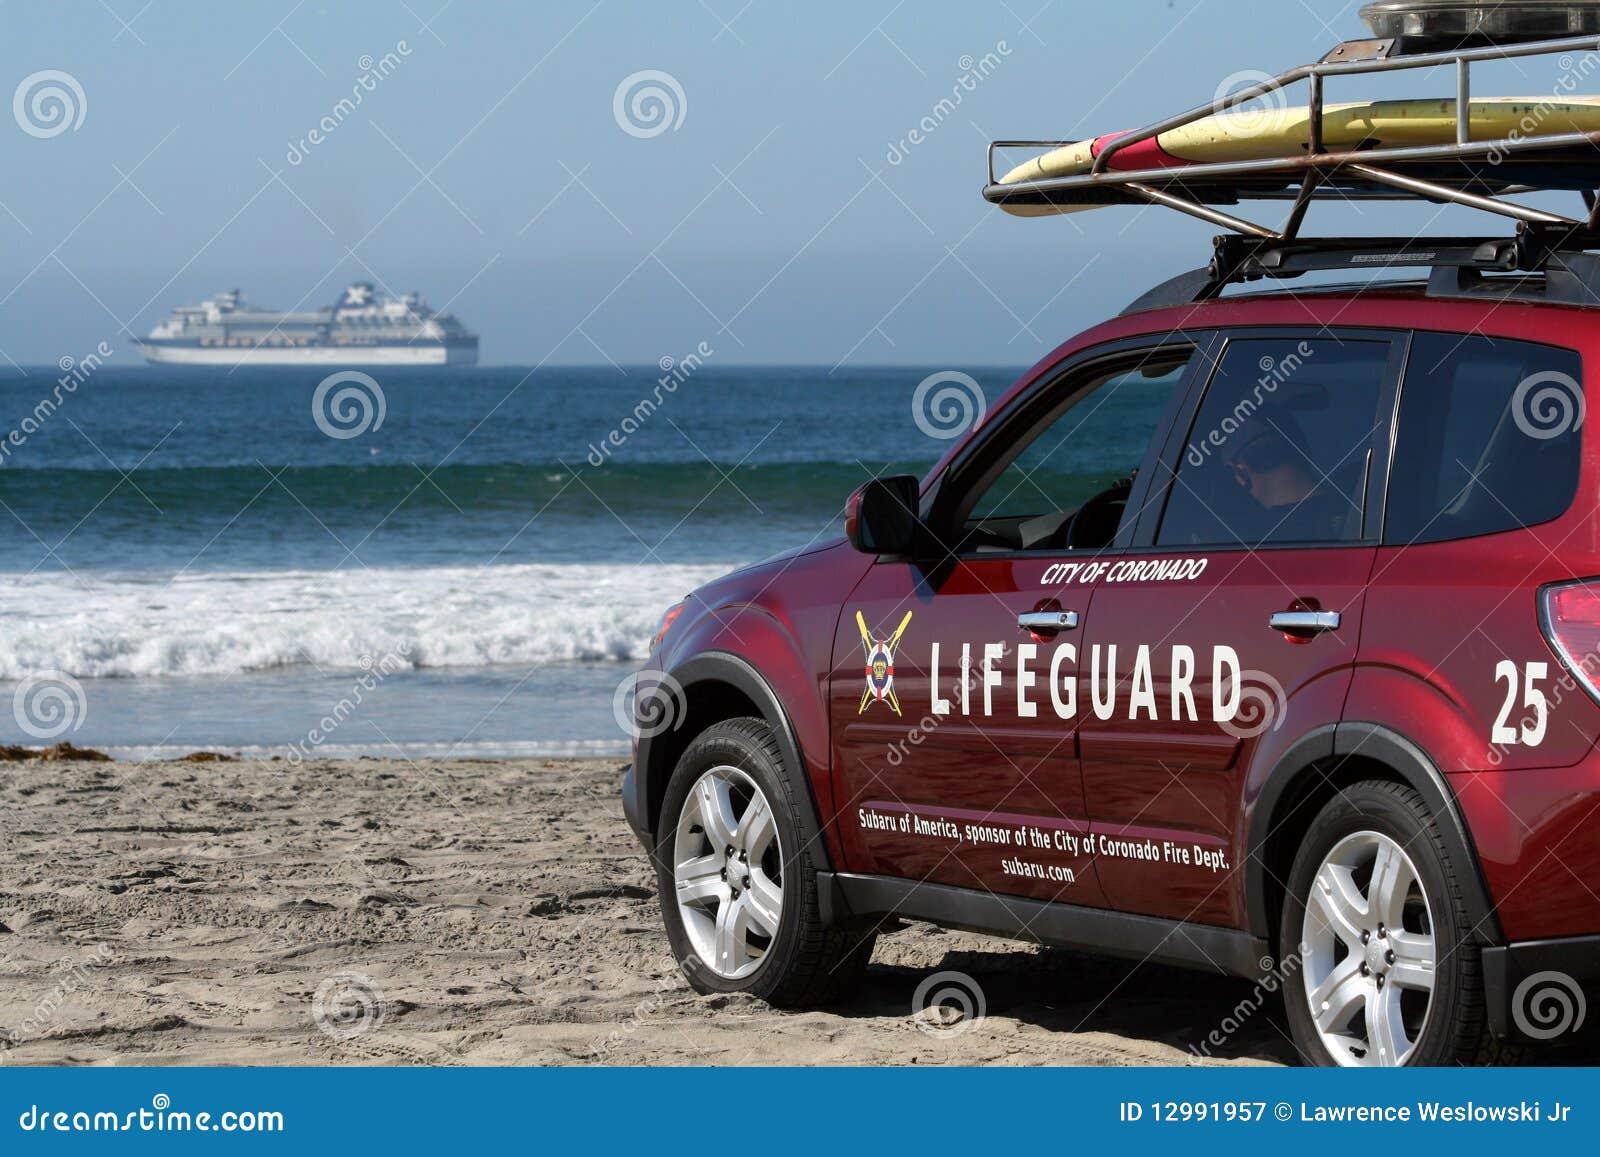 Coronado Beach Lifeguard Ocean And Cruise Ship Editorial Photo Cartoondealer Com 12991957